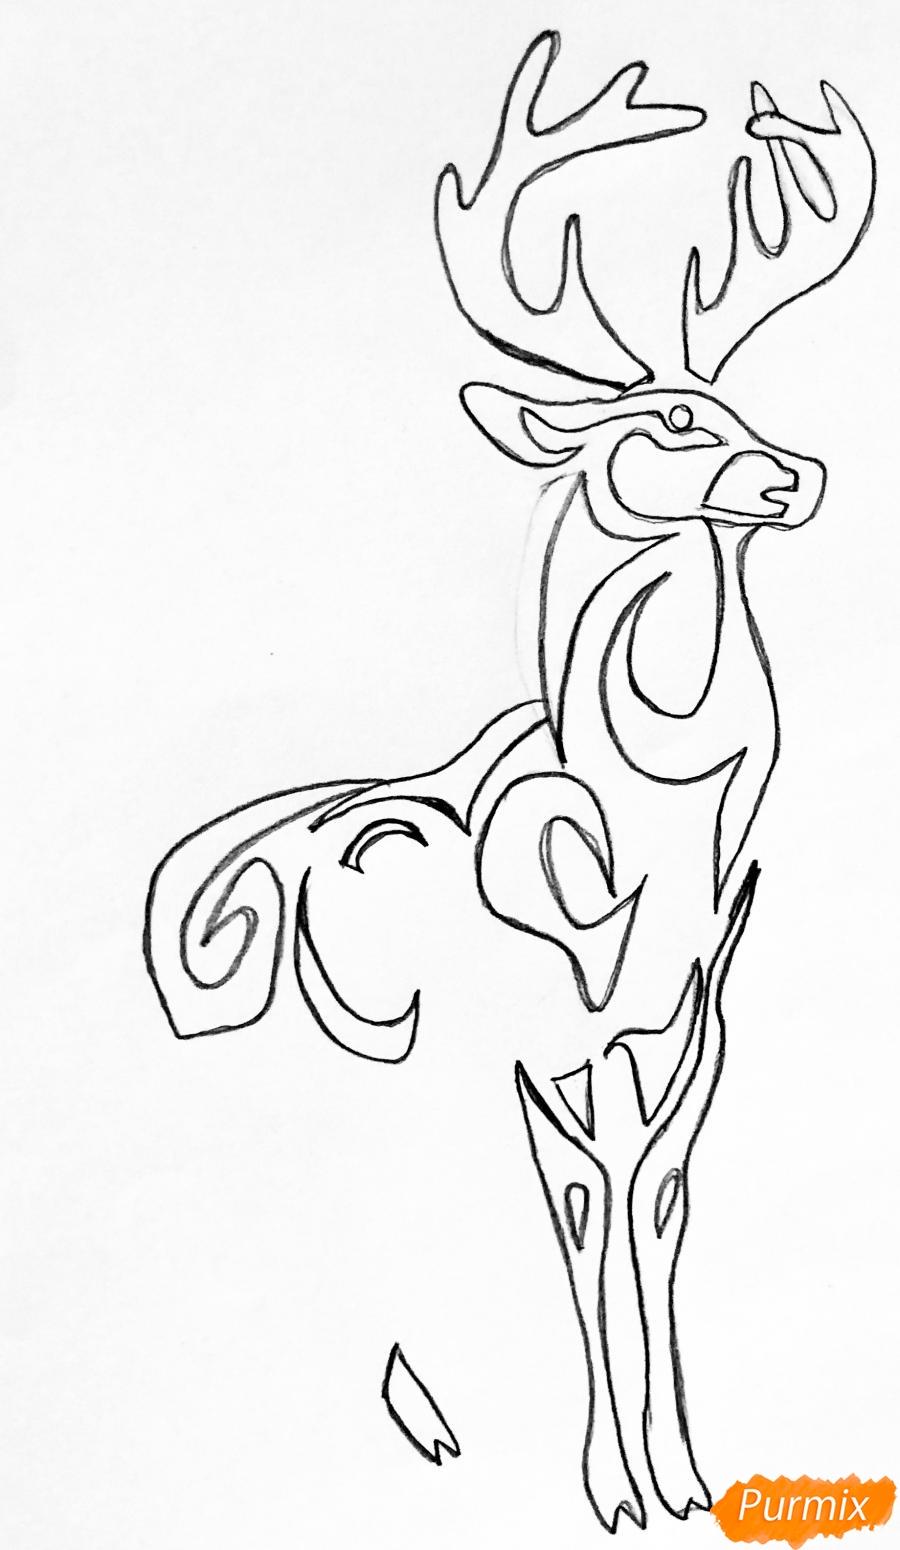 Рисуем оленя и оленёнка в стиле тату - шаг 3